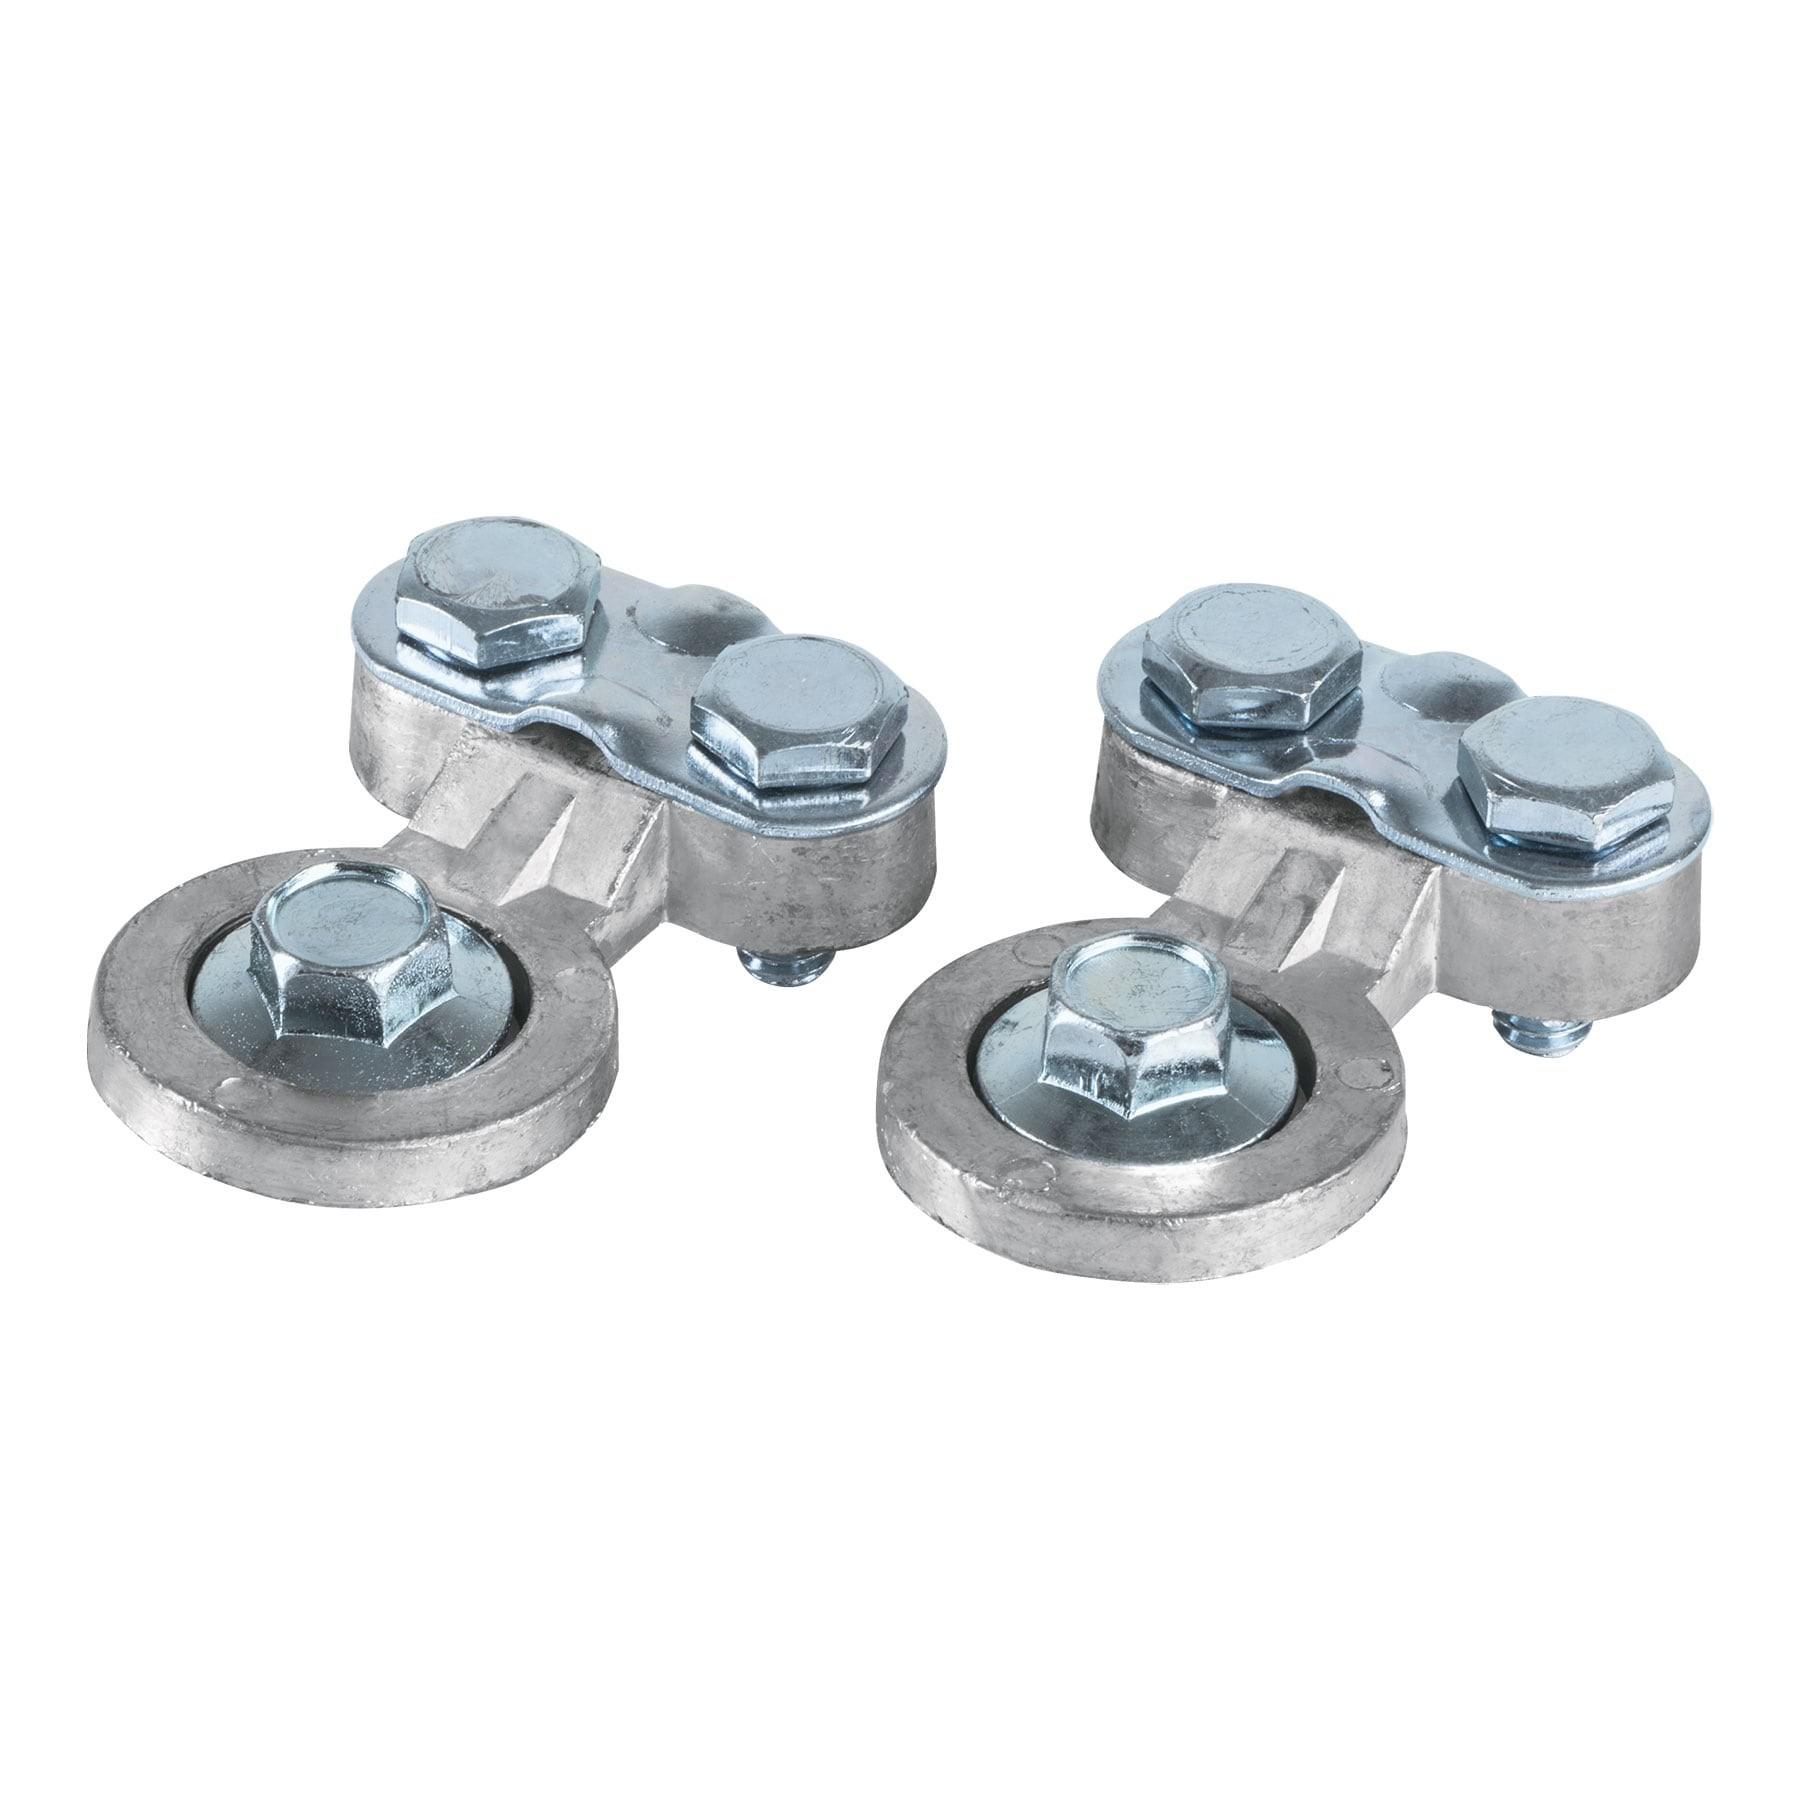 Juego terminales p/batería, poste lateral, plomo, Pretul